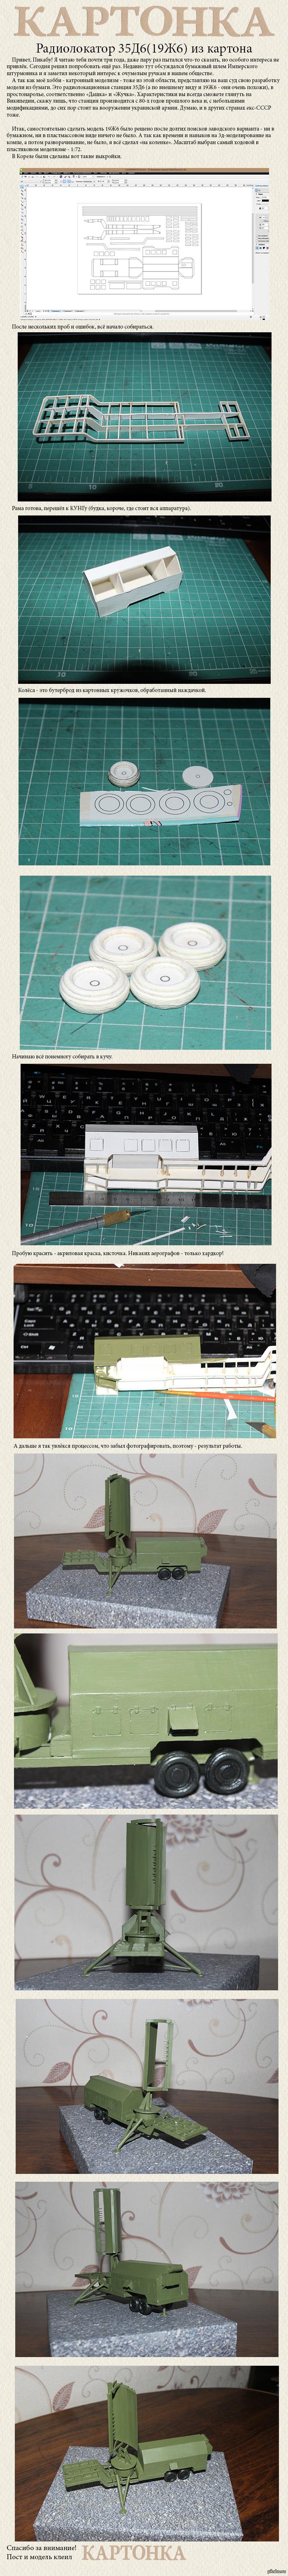 Картонная модель РЛС 19Ж6\35Д6